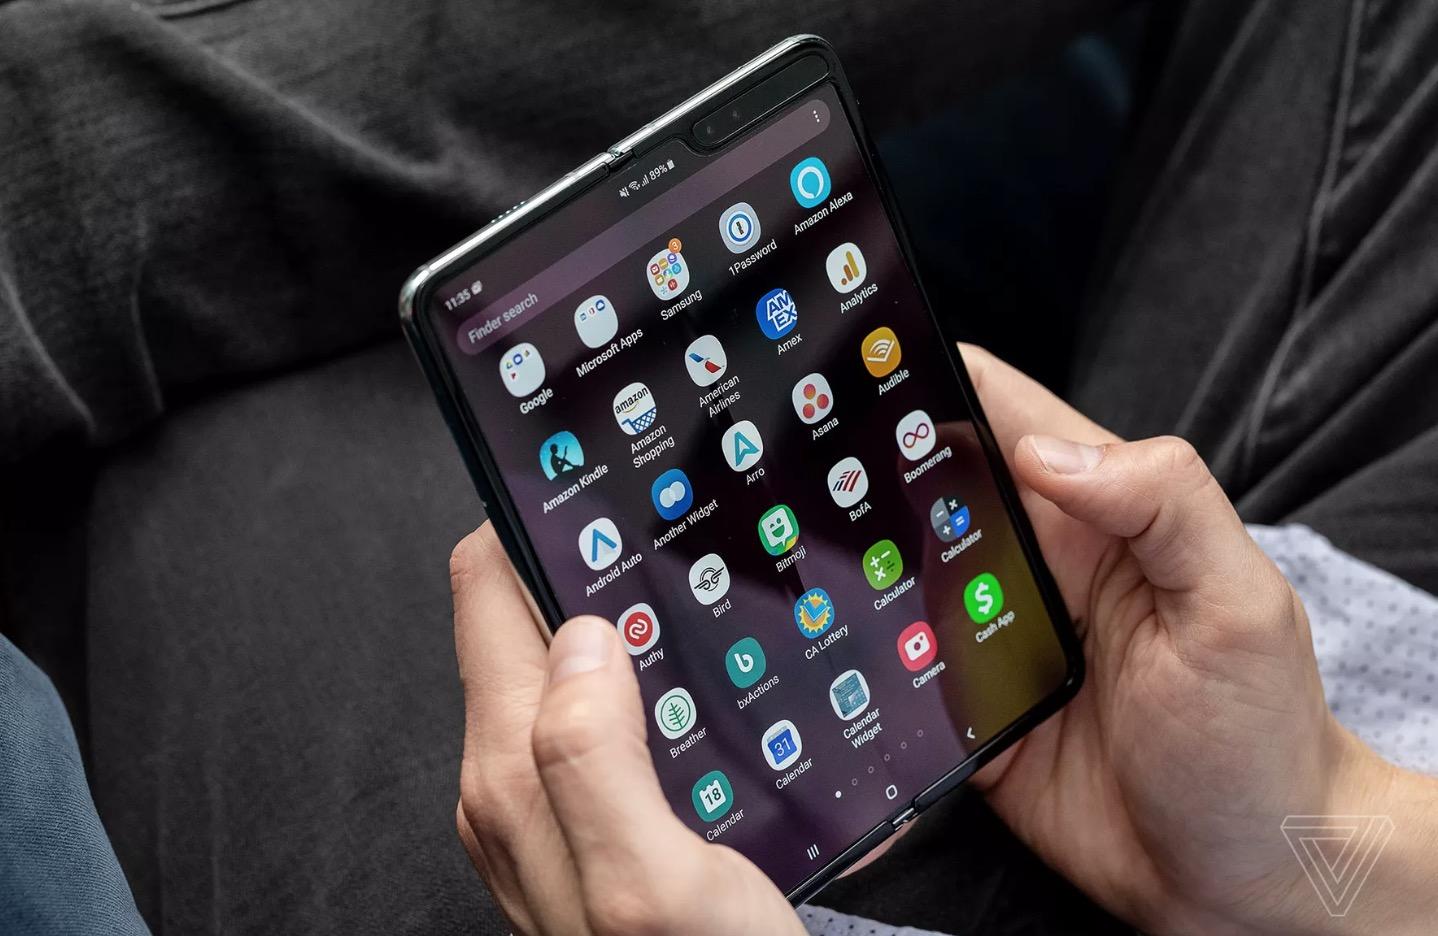 Samsung thay đổi điều gì trên Galaxy Fold để khắc phục lỗi?